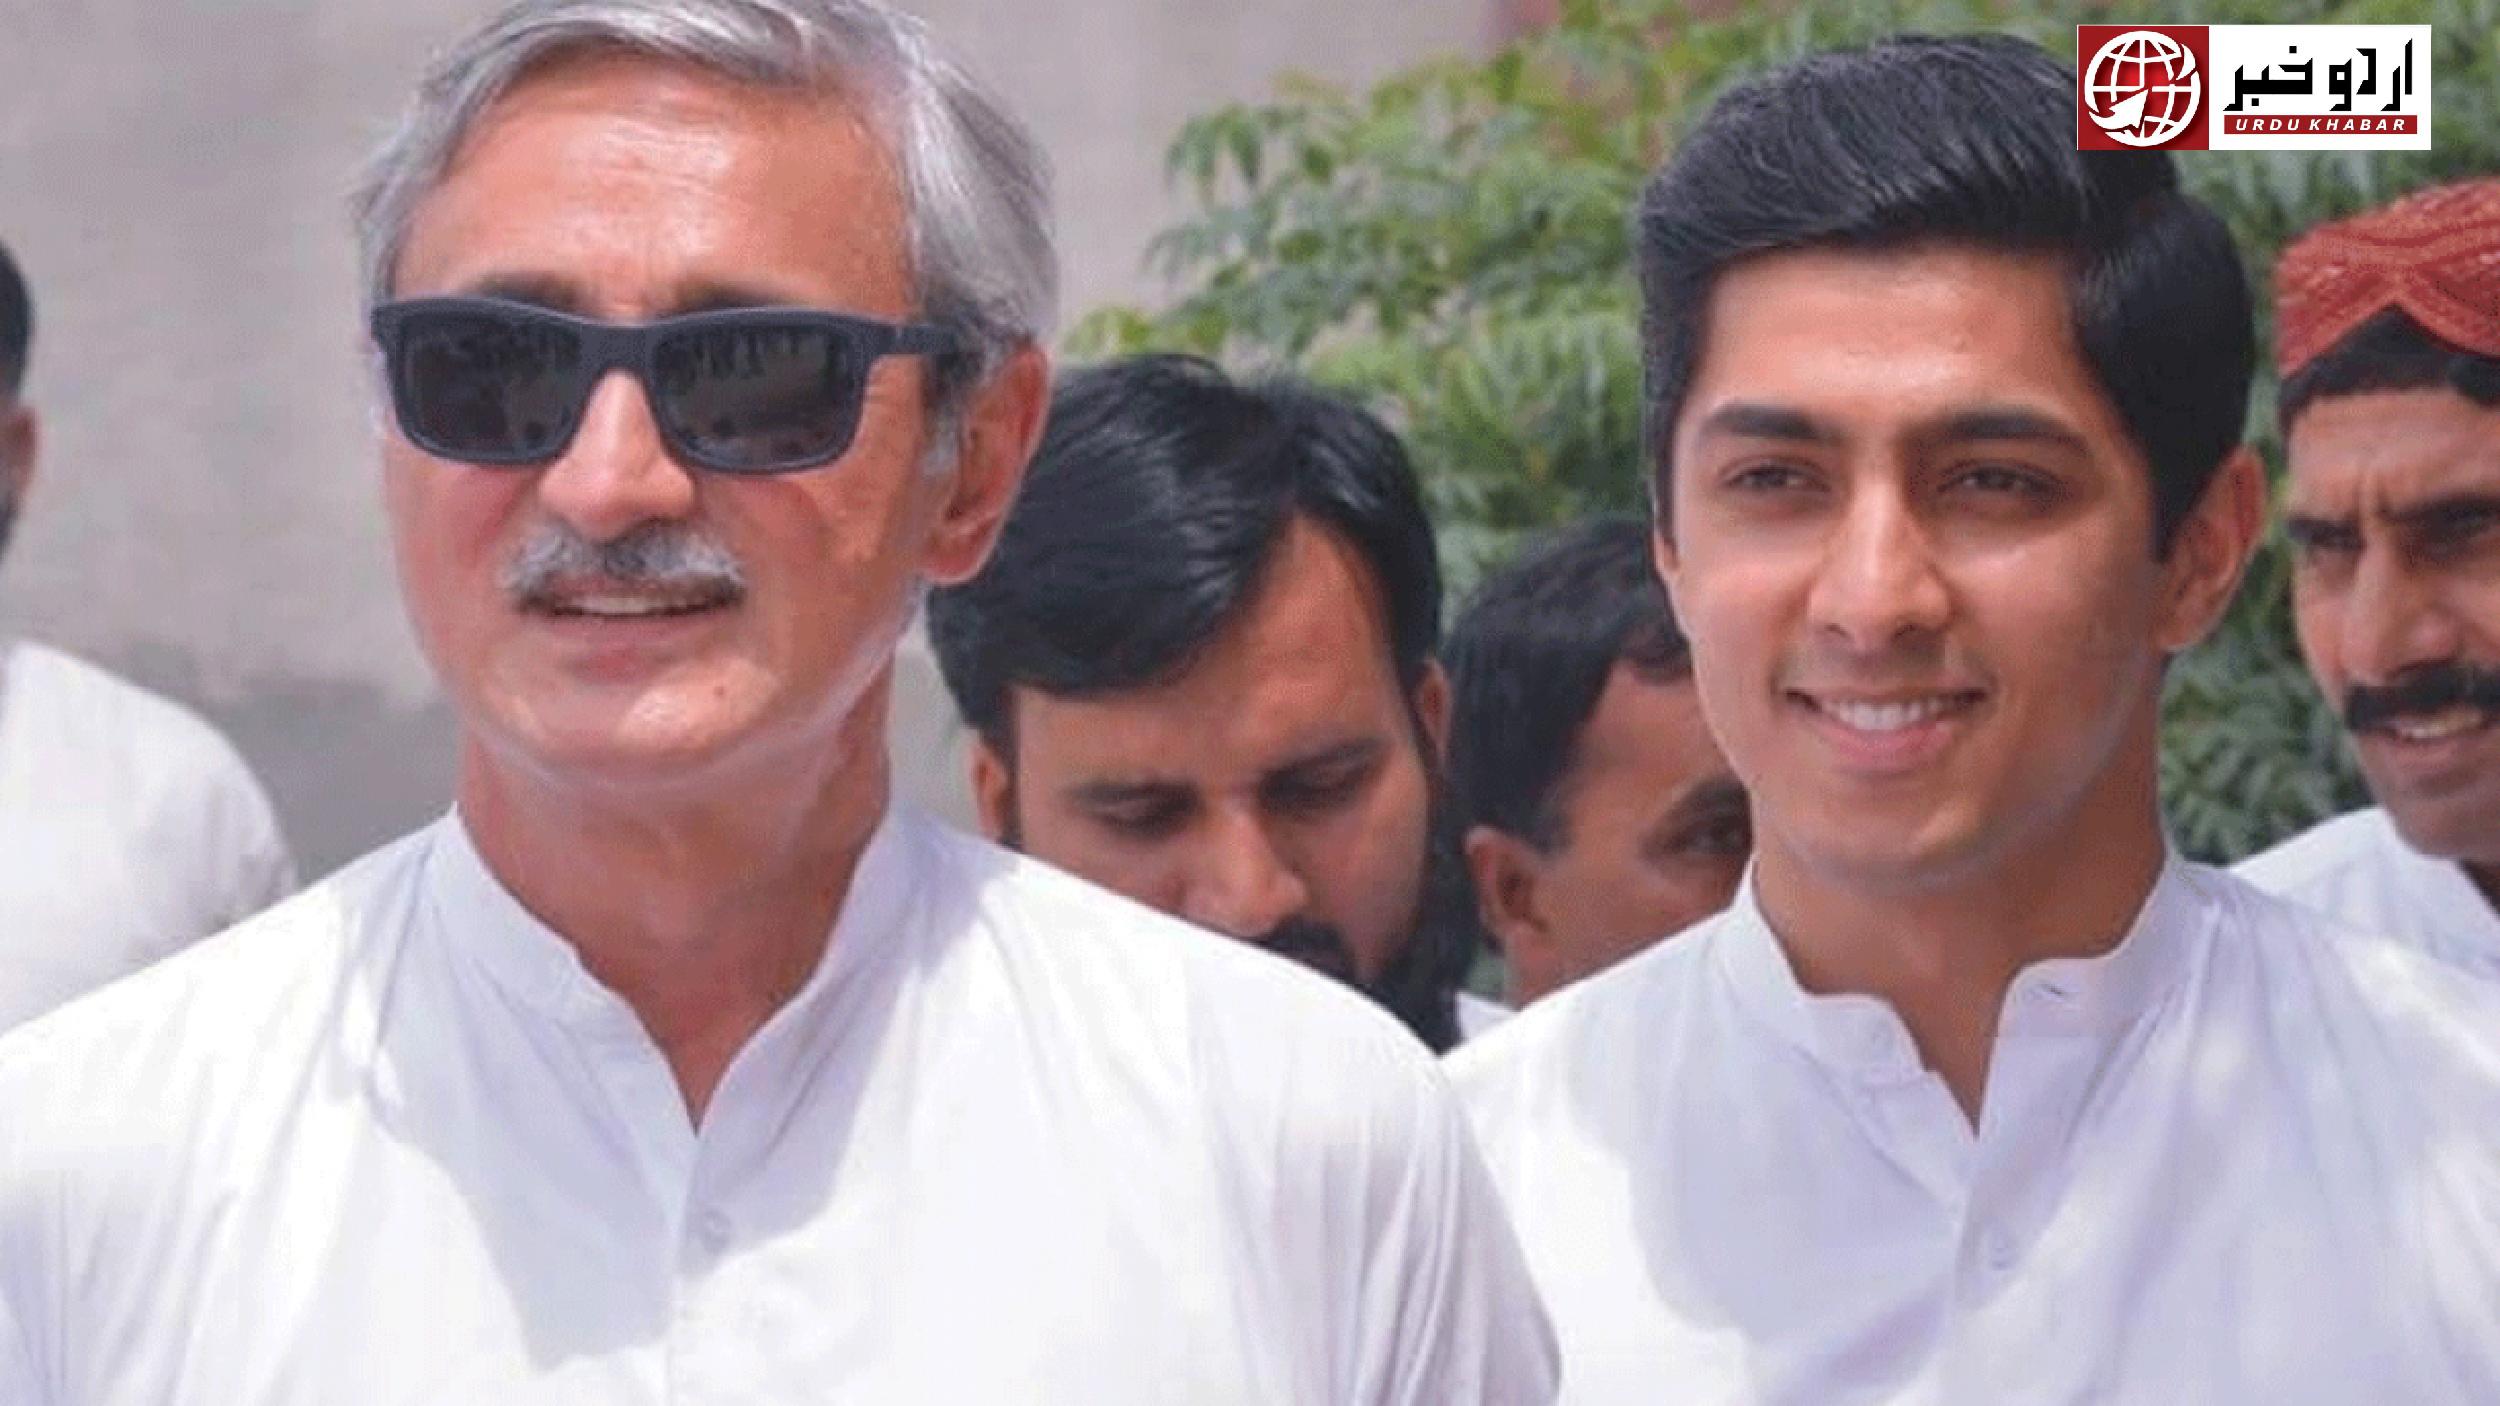 جہانگیر ترین اور ان کے بیٹے 7 ماہ بعد پاکستان واپس پہنچ گئے